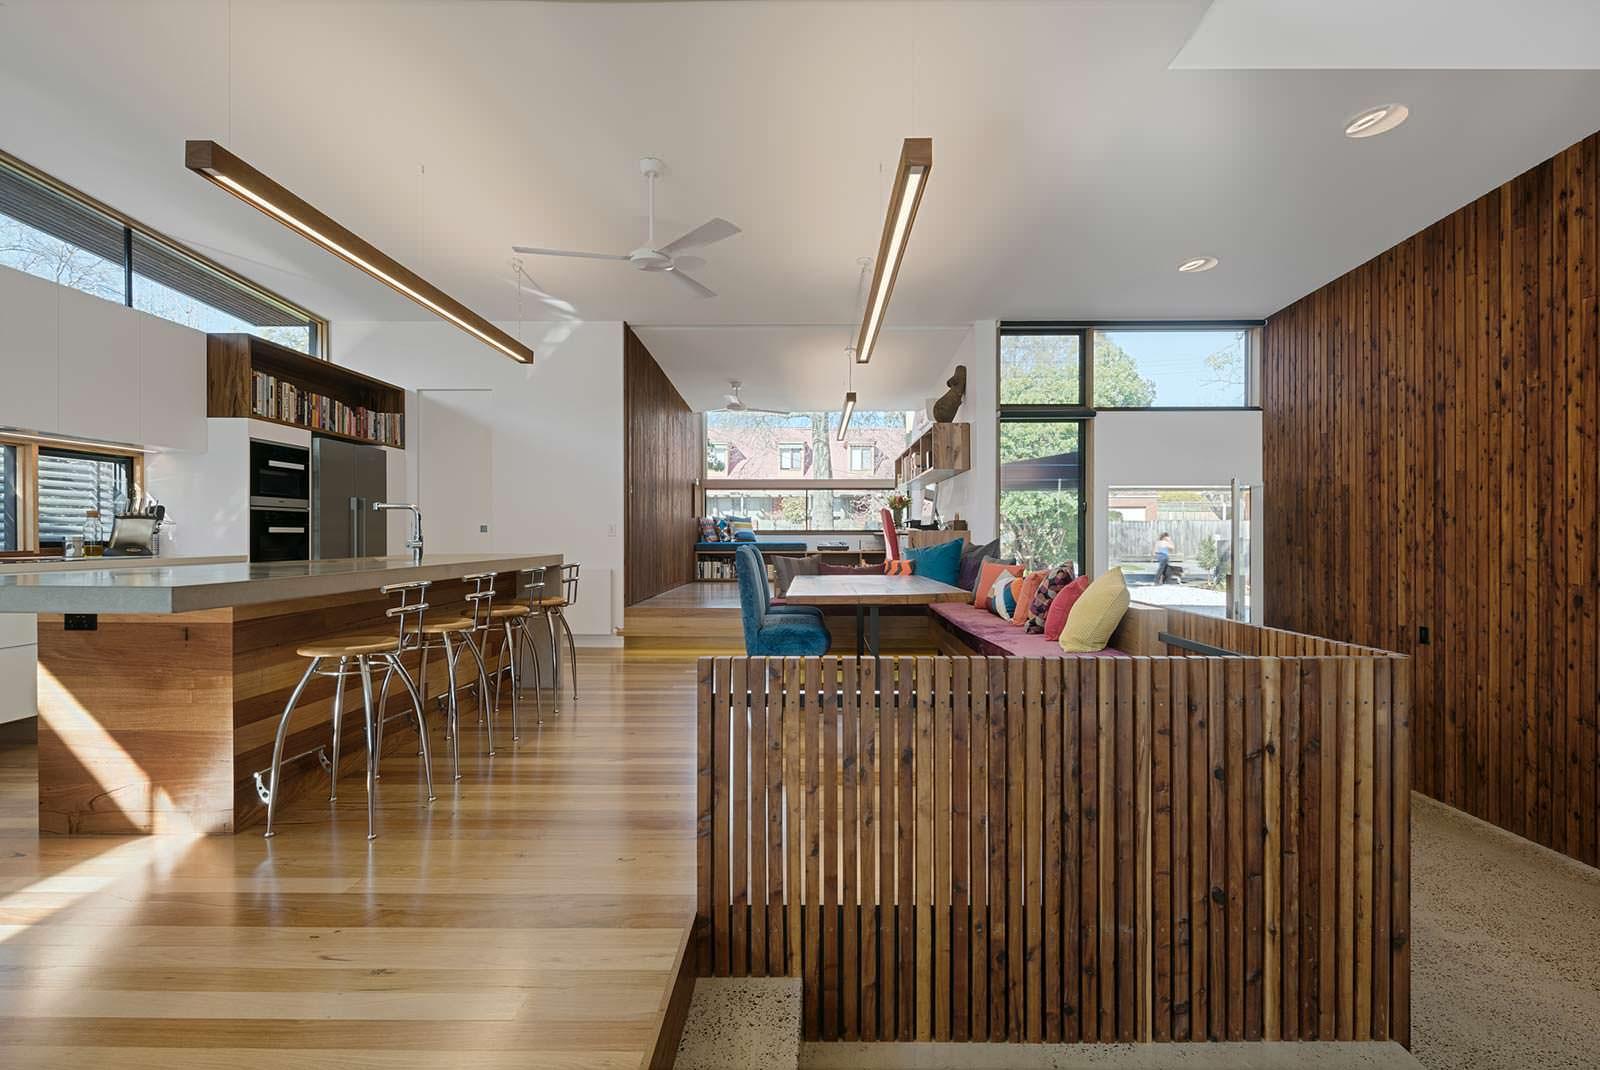 Стиль hi-tech в интерьере. Проект Zen Architects